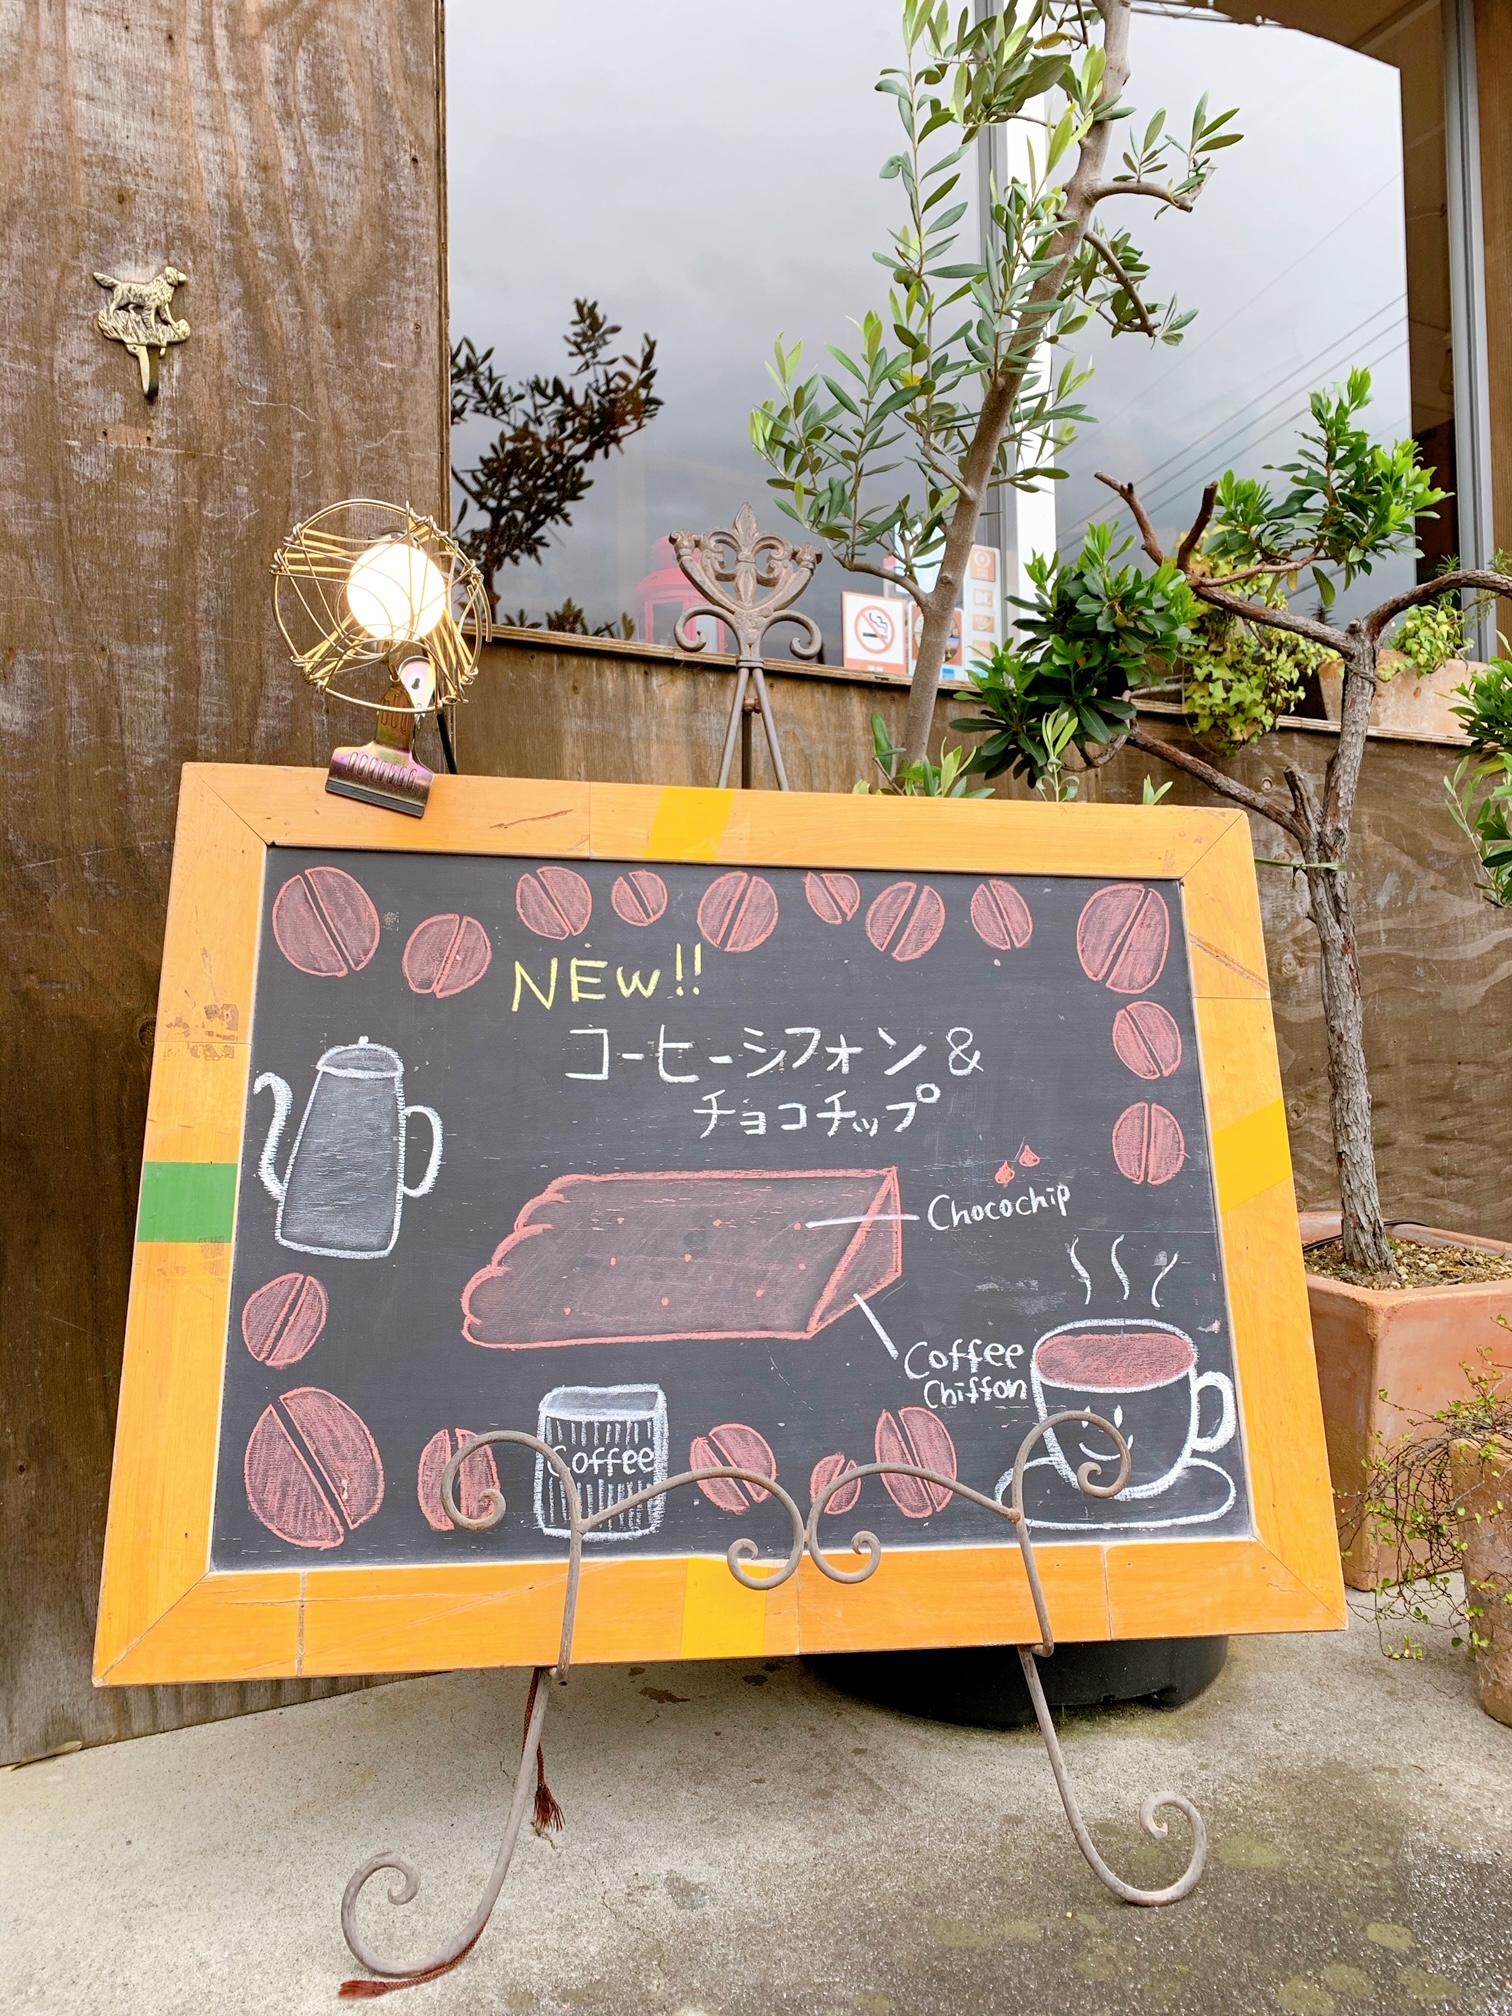 限定シフォン:by cana草薙店